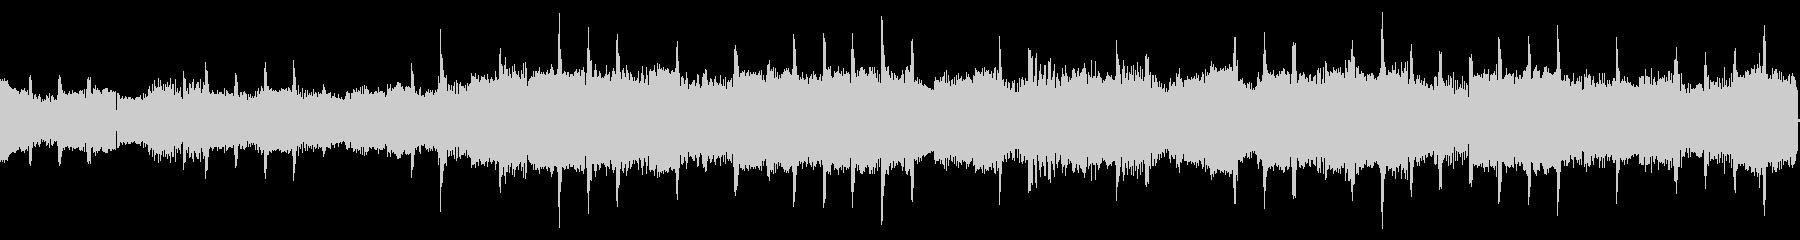 コンピューター音の未再生の波形